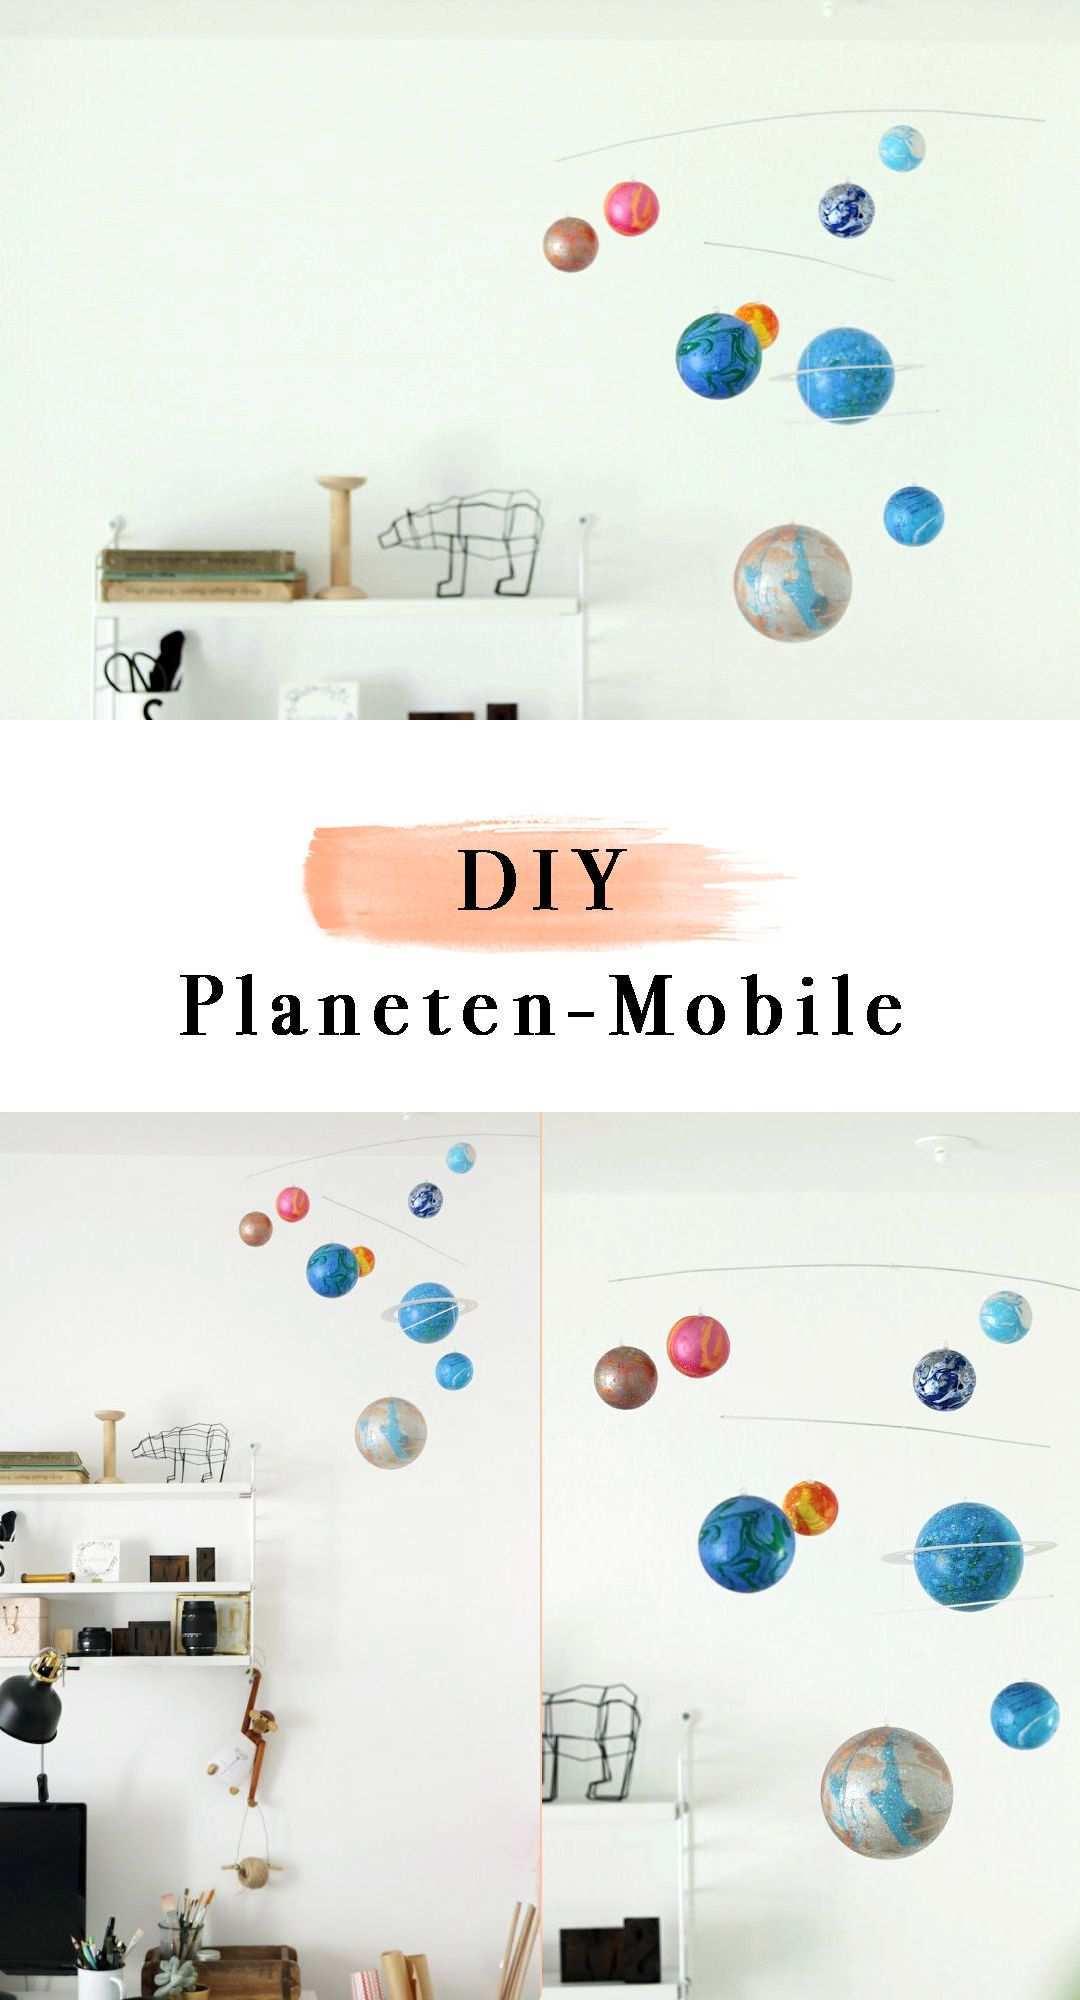 Diy Planeten Mobile Diy Mobile Aus Styroporkugeln Ganz Einfach Selber Machen Selbst Gemachtes Mobile Aus Marmorierten Styroporkugel Baby Diy Mobile Basteln